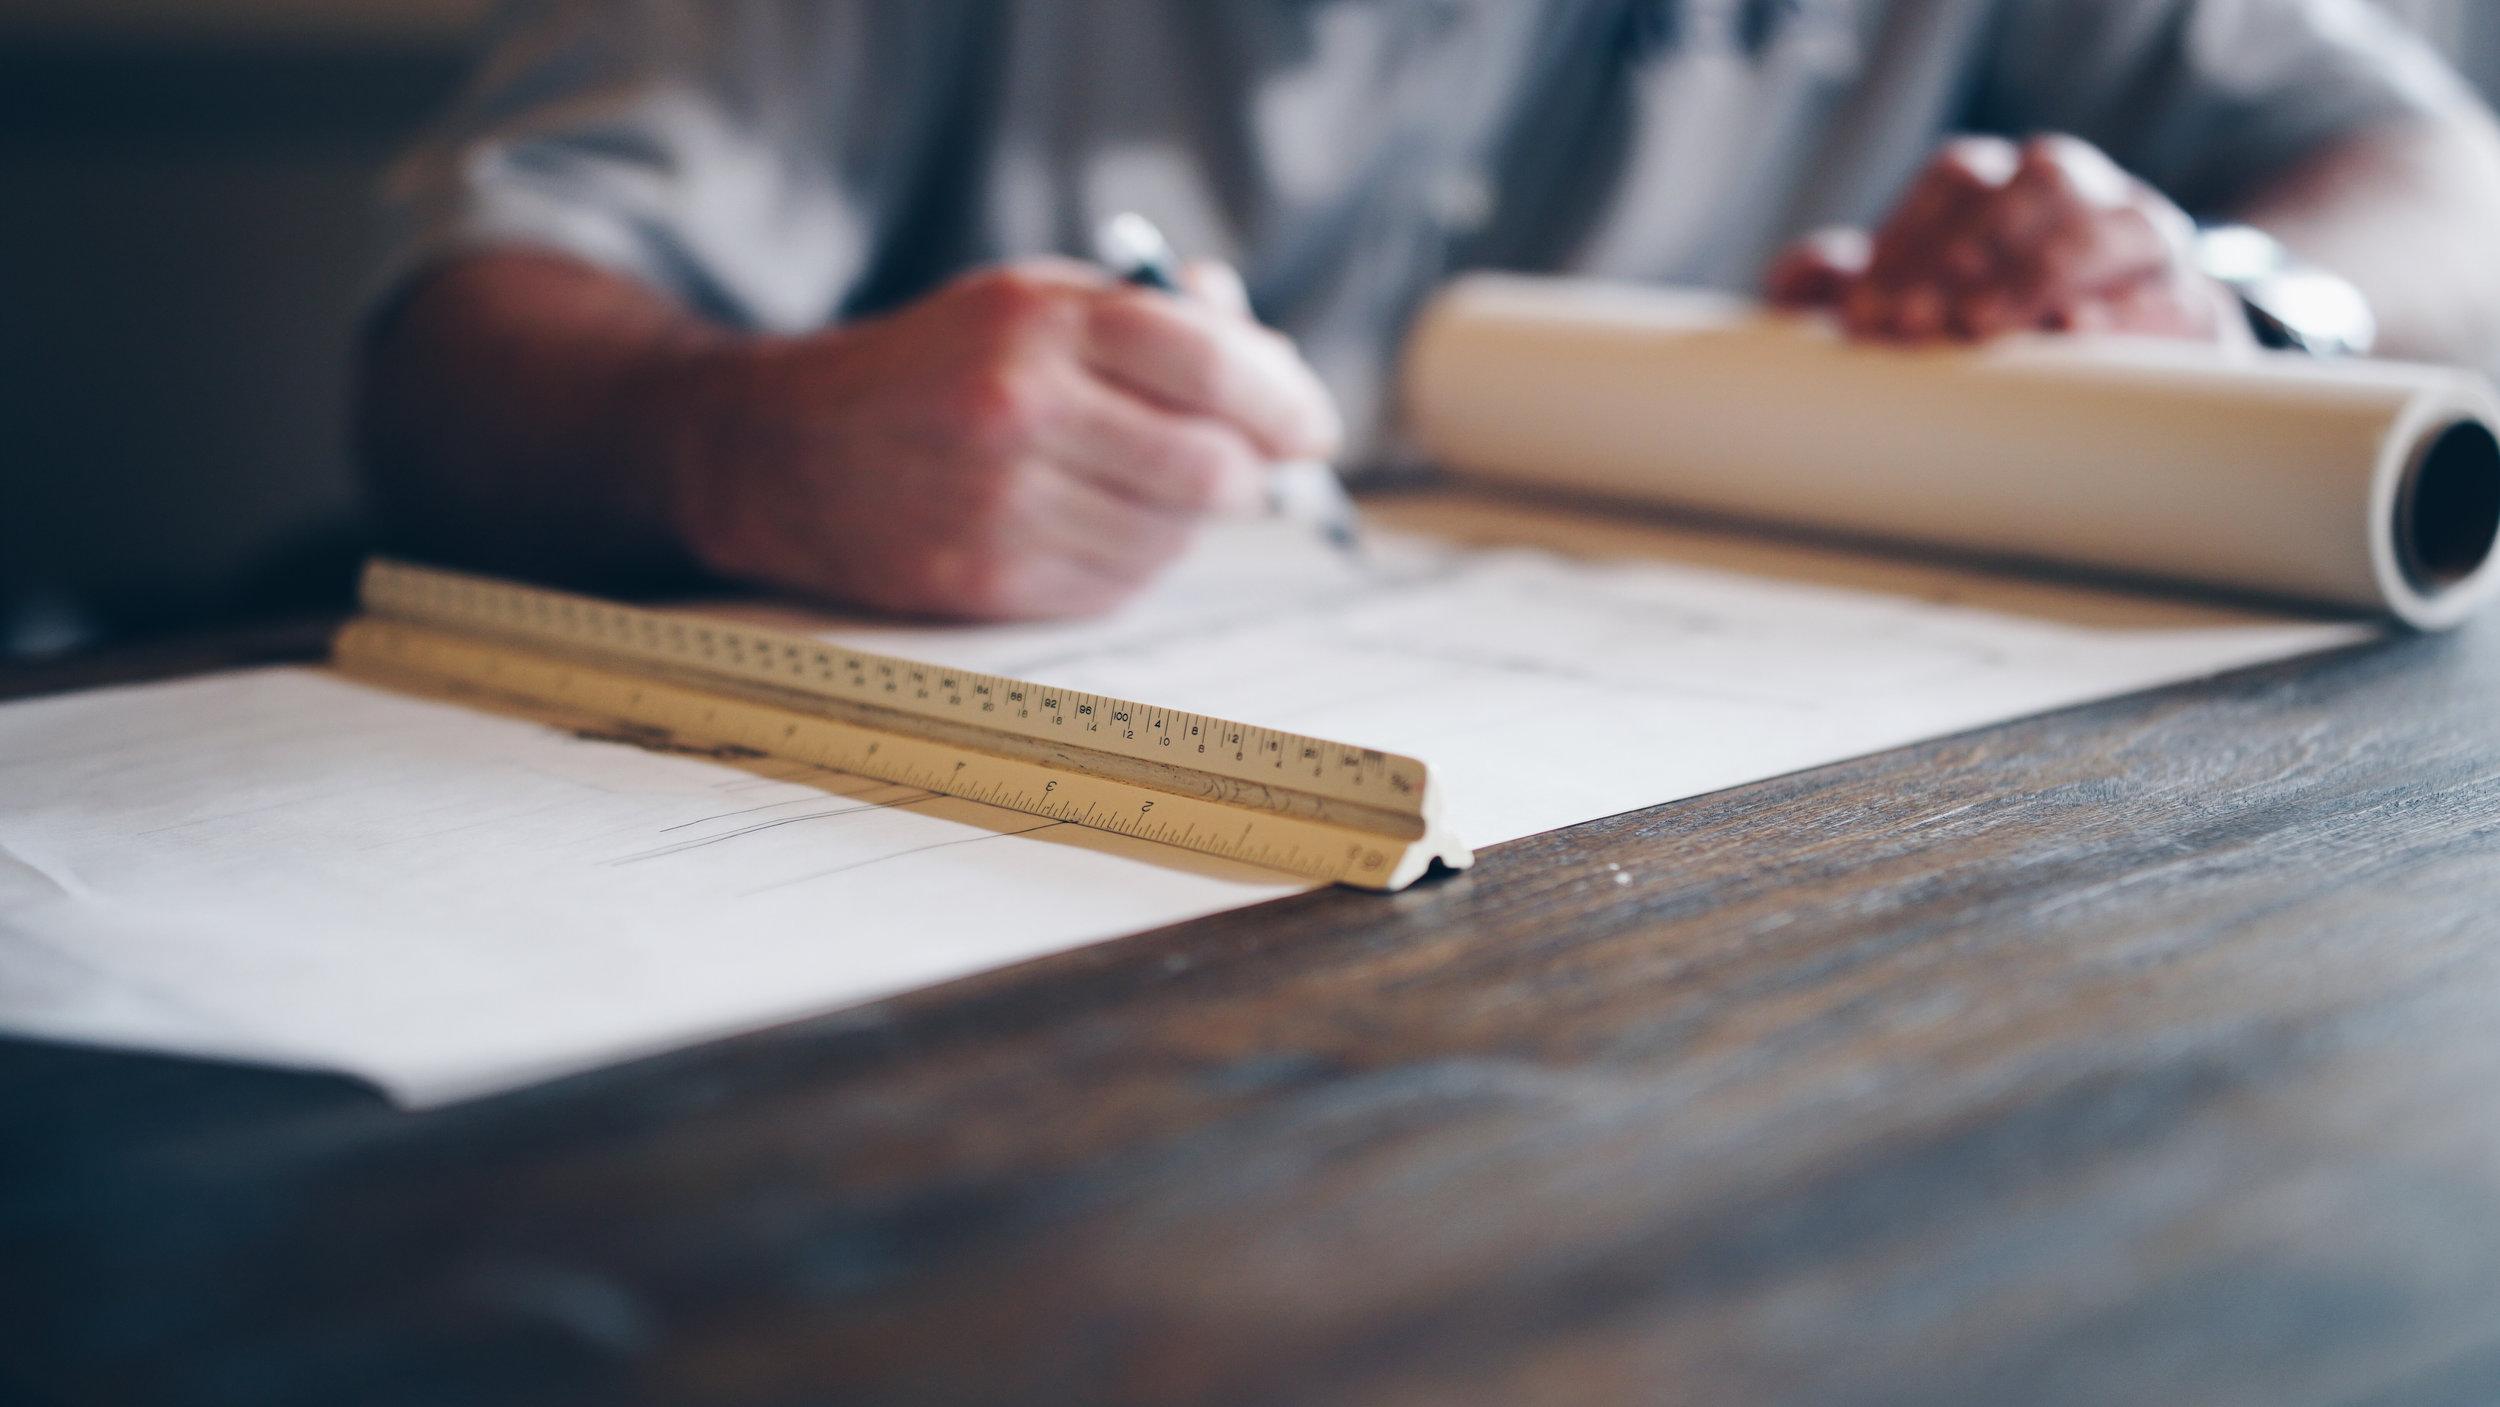 Soluciones de diseño - Diseño es una palabra amplia para nosotros. Para el enfoque de los problemas utilizamos métodos de pensamiento y diseño que abarcan desde el diseño gráfico hasta la programación de los procesos de interacción con los usuarios, proporcionando algo más que planos a nuestros clientes.